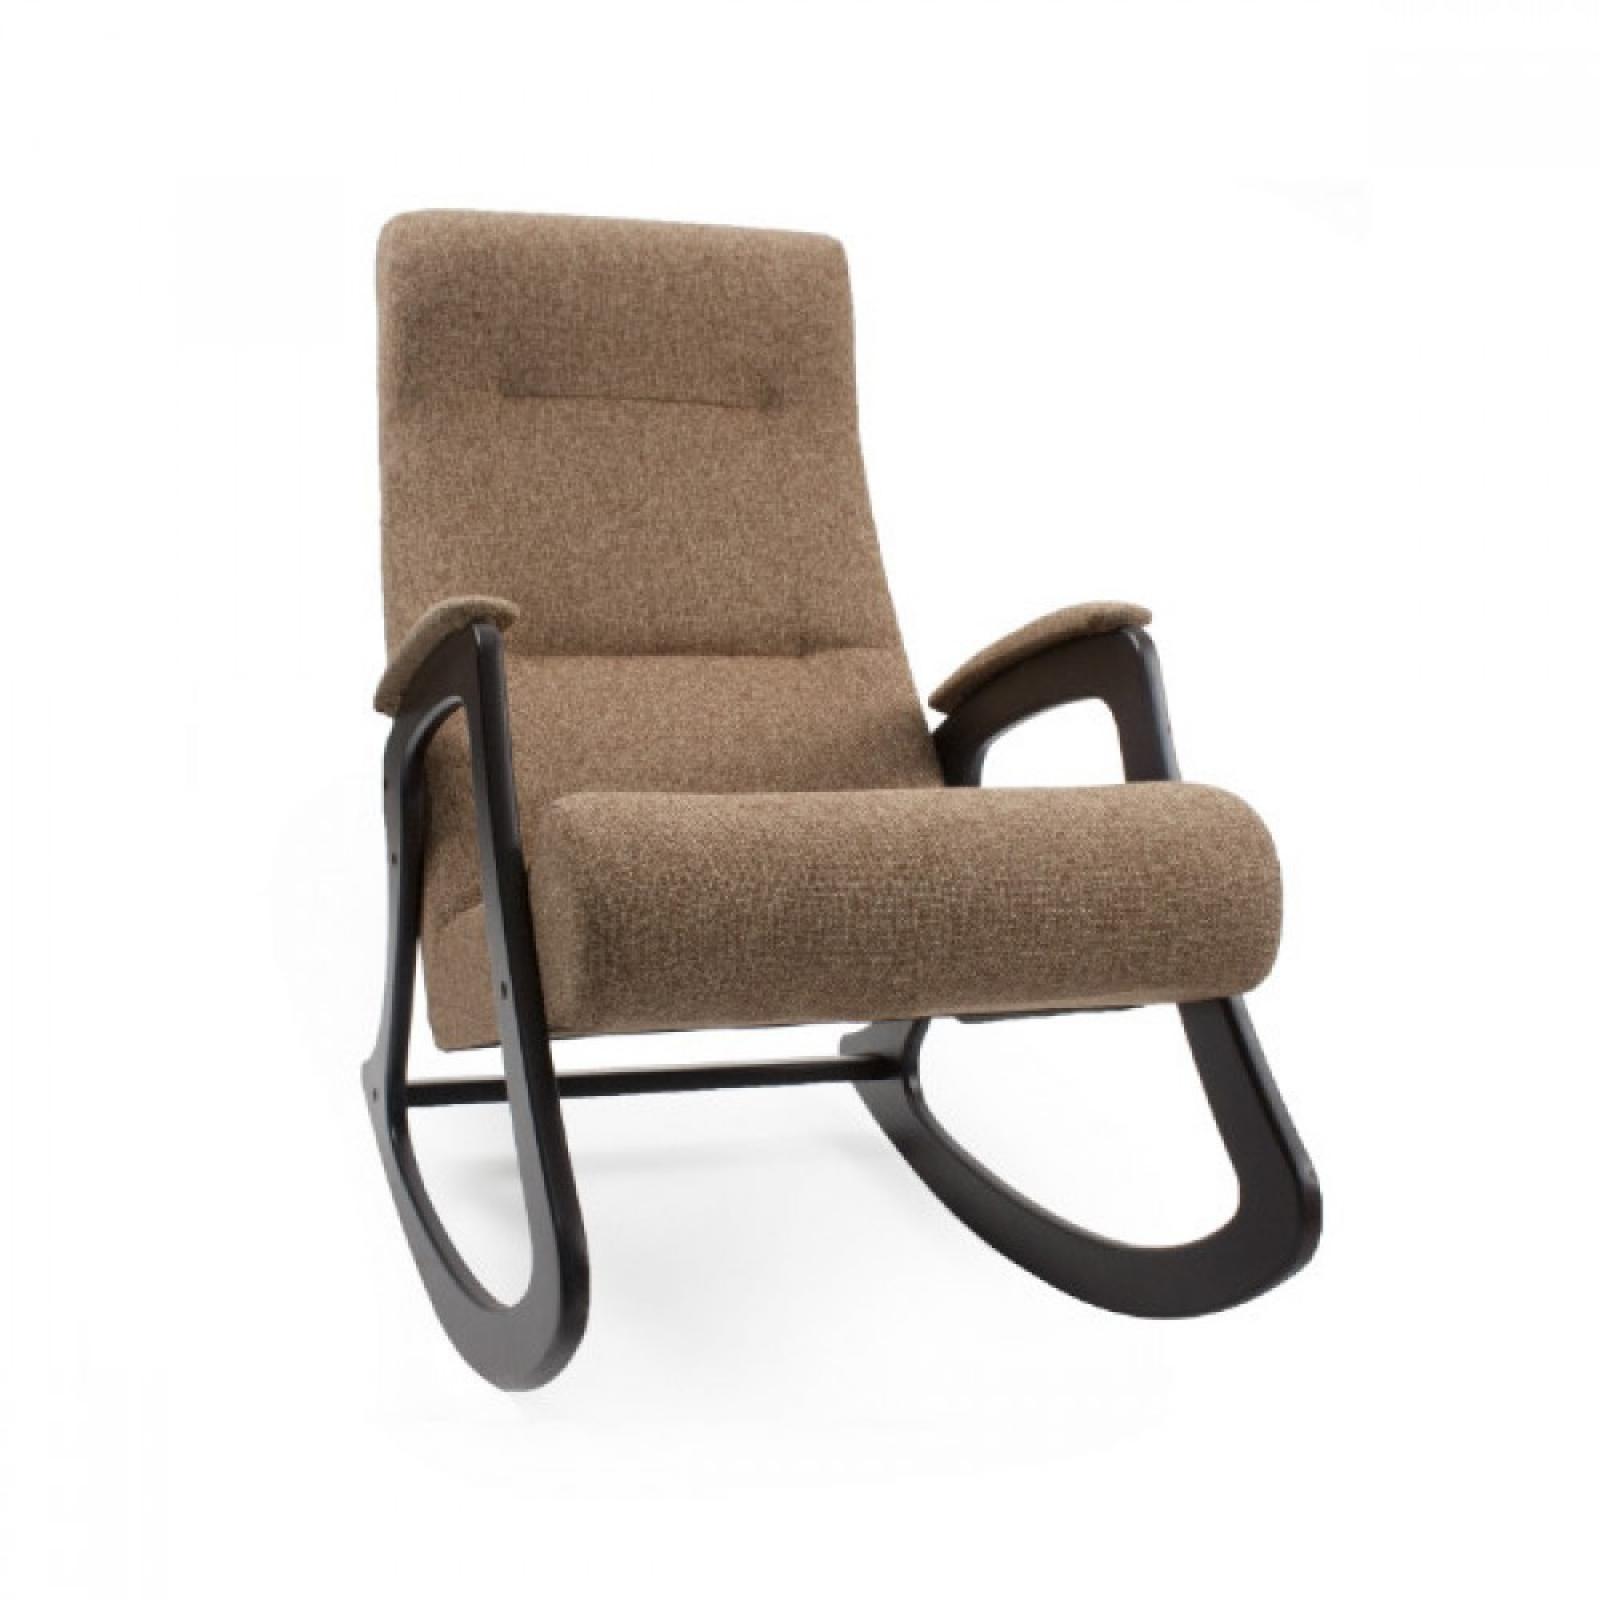 Кресло-качалка, Модель 2 Венге/Мальта 17 - 1